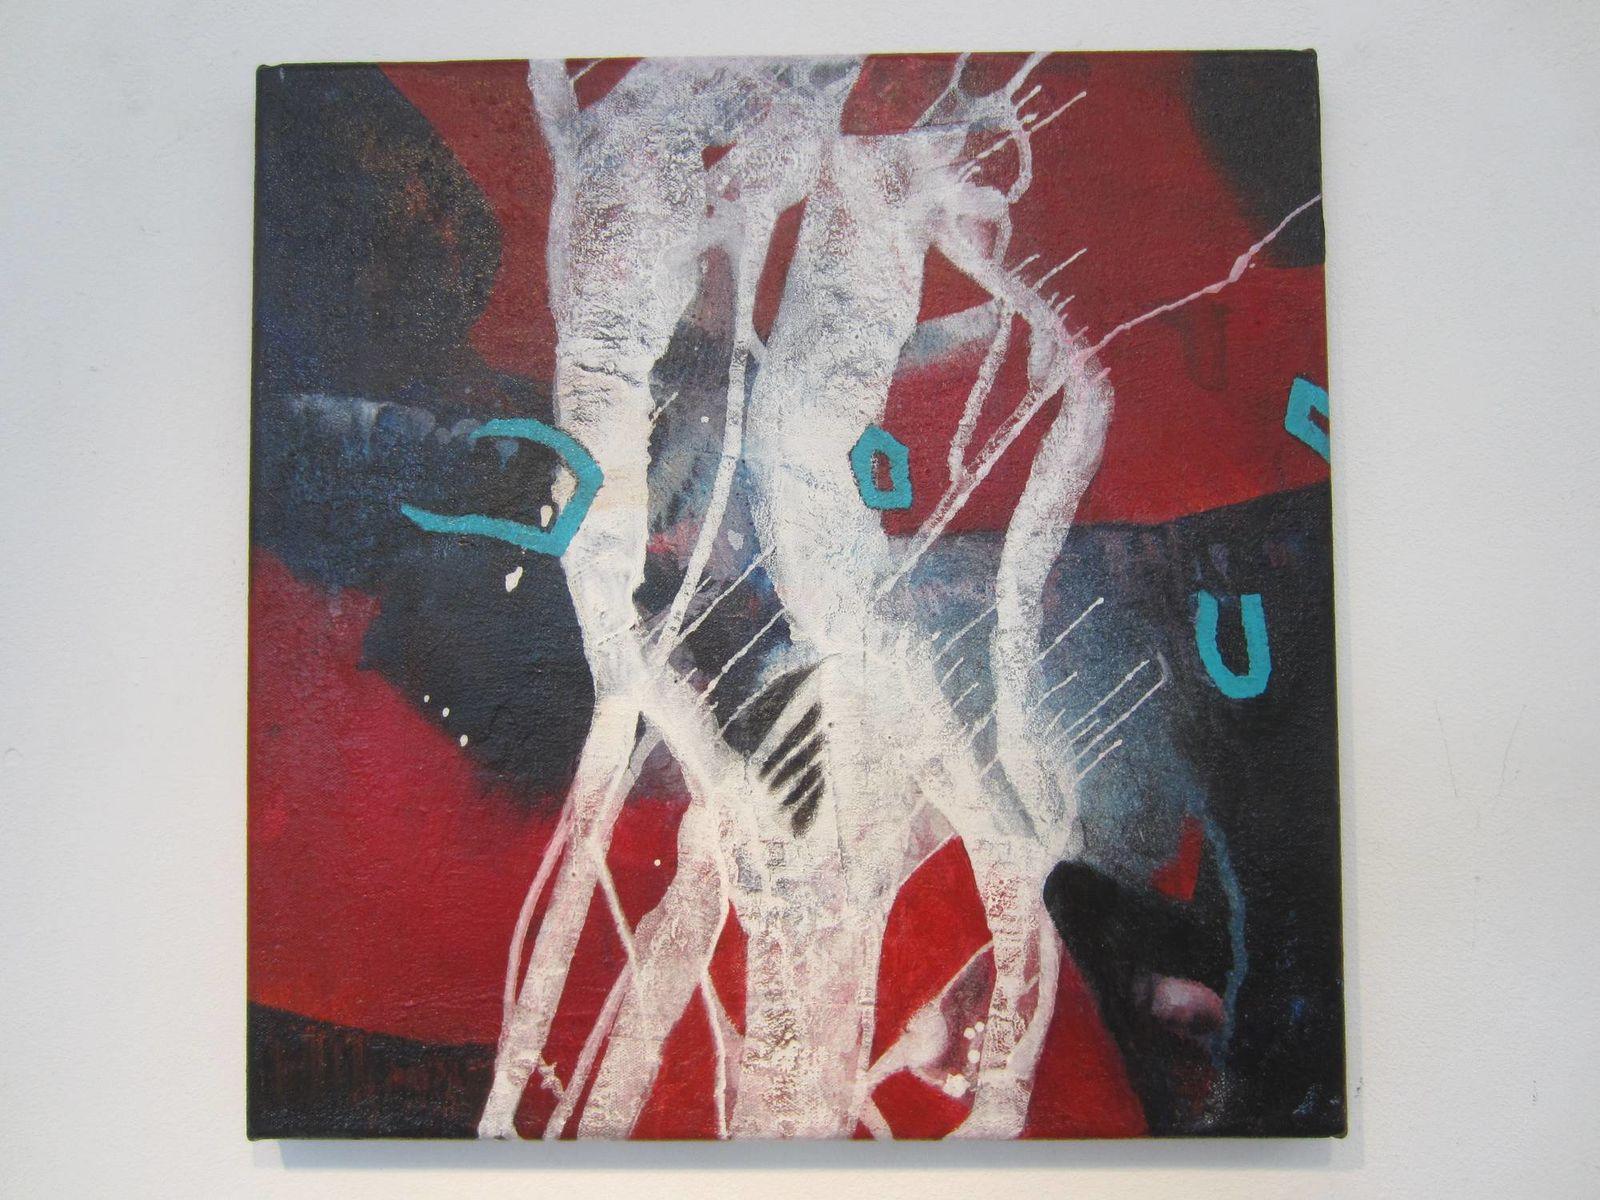 Kompositon Acryl, 50x50 cm, 2016